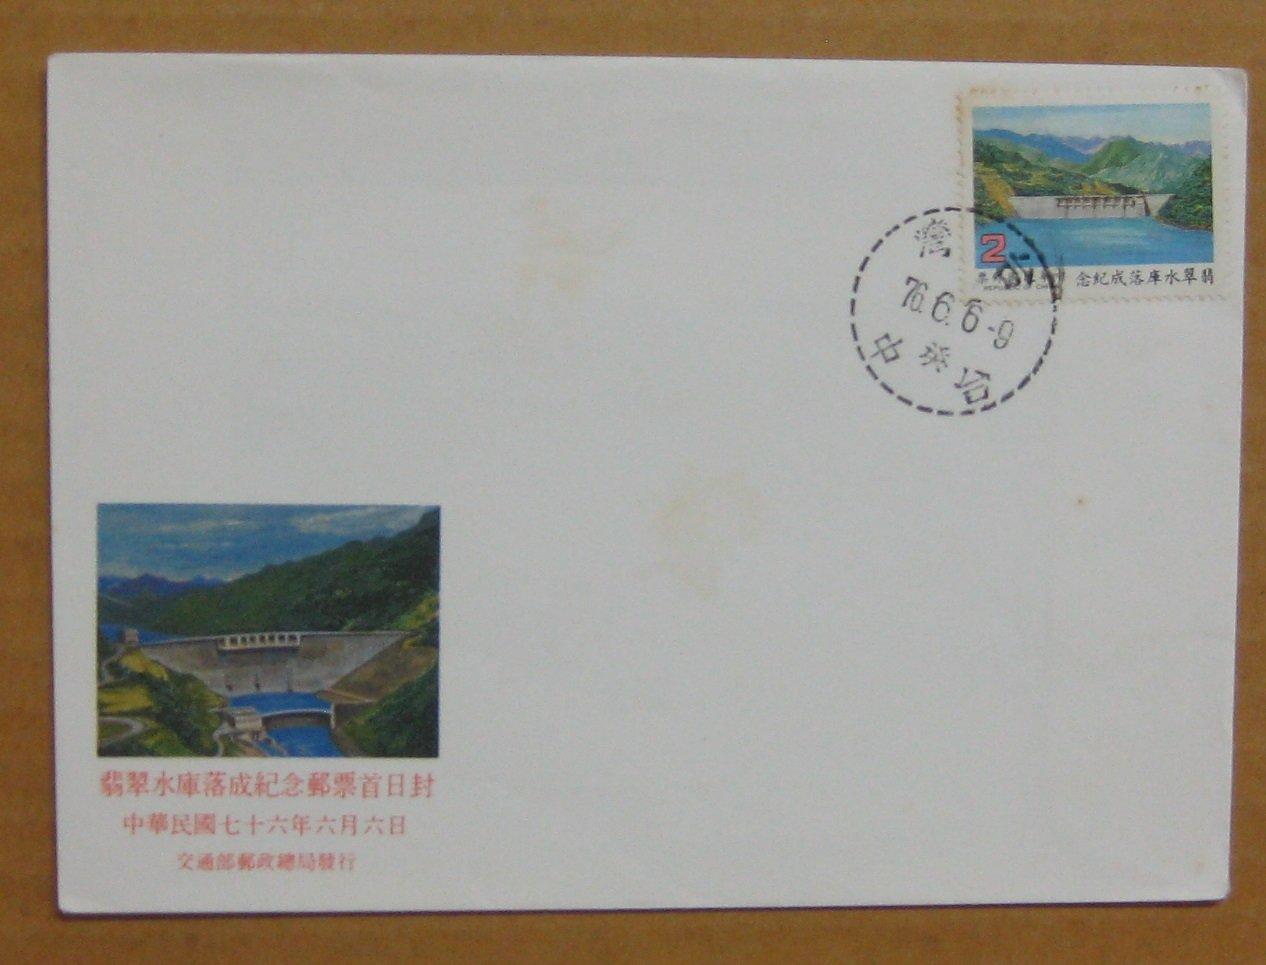 七十年代封--翡翠水庫落成郵票--76年06.06--紀219--台中戳--早期台灣首日封--珍藏老封